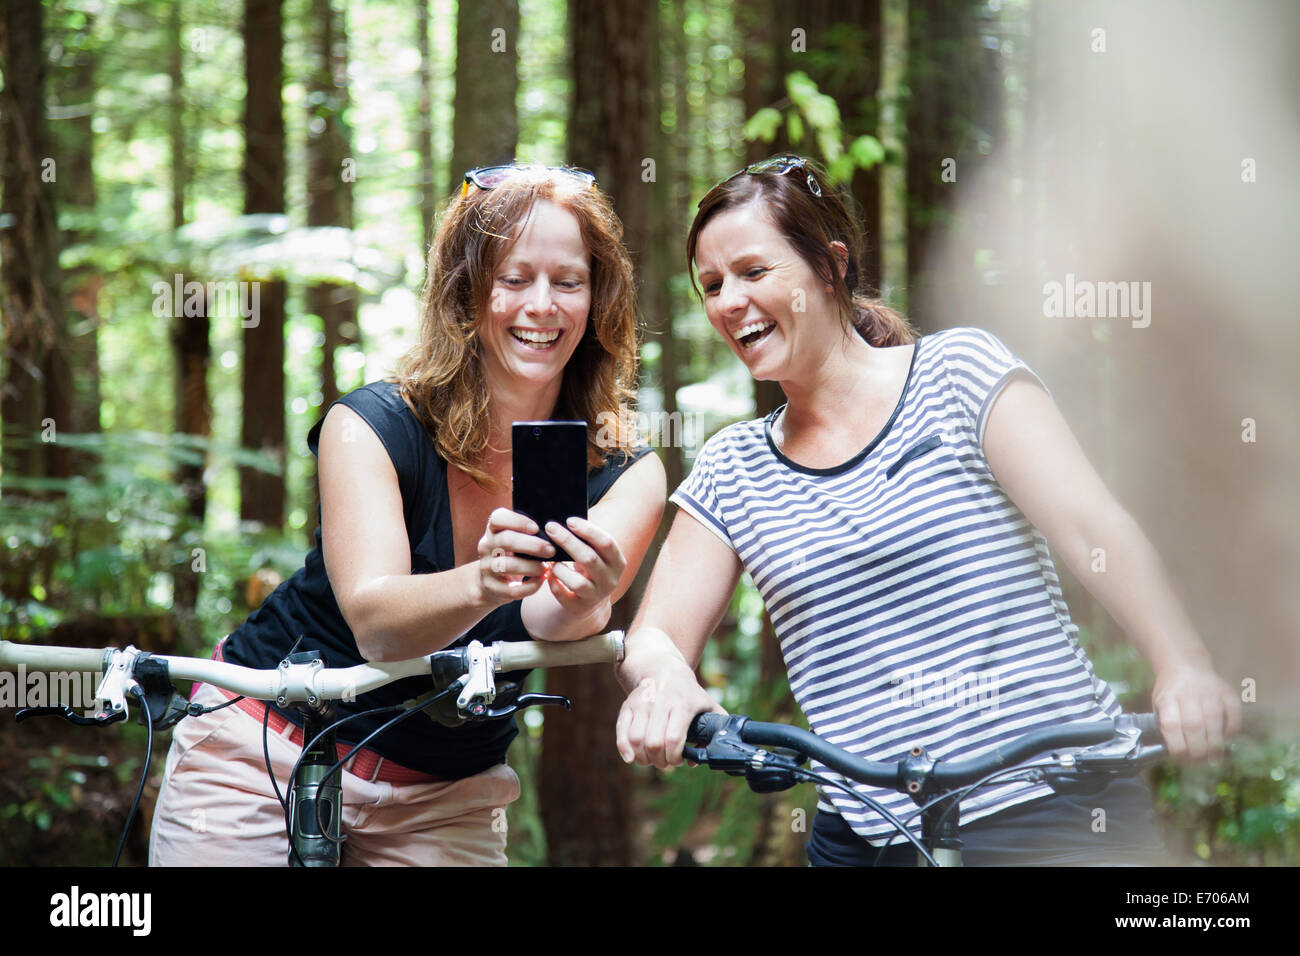 Due donne mountain bikers guardando lo smartphone nel bosco Immagini Stock